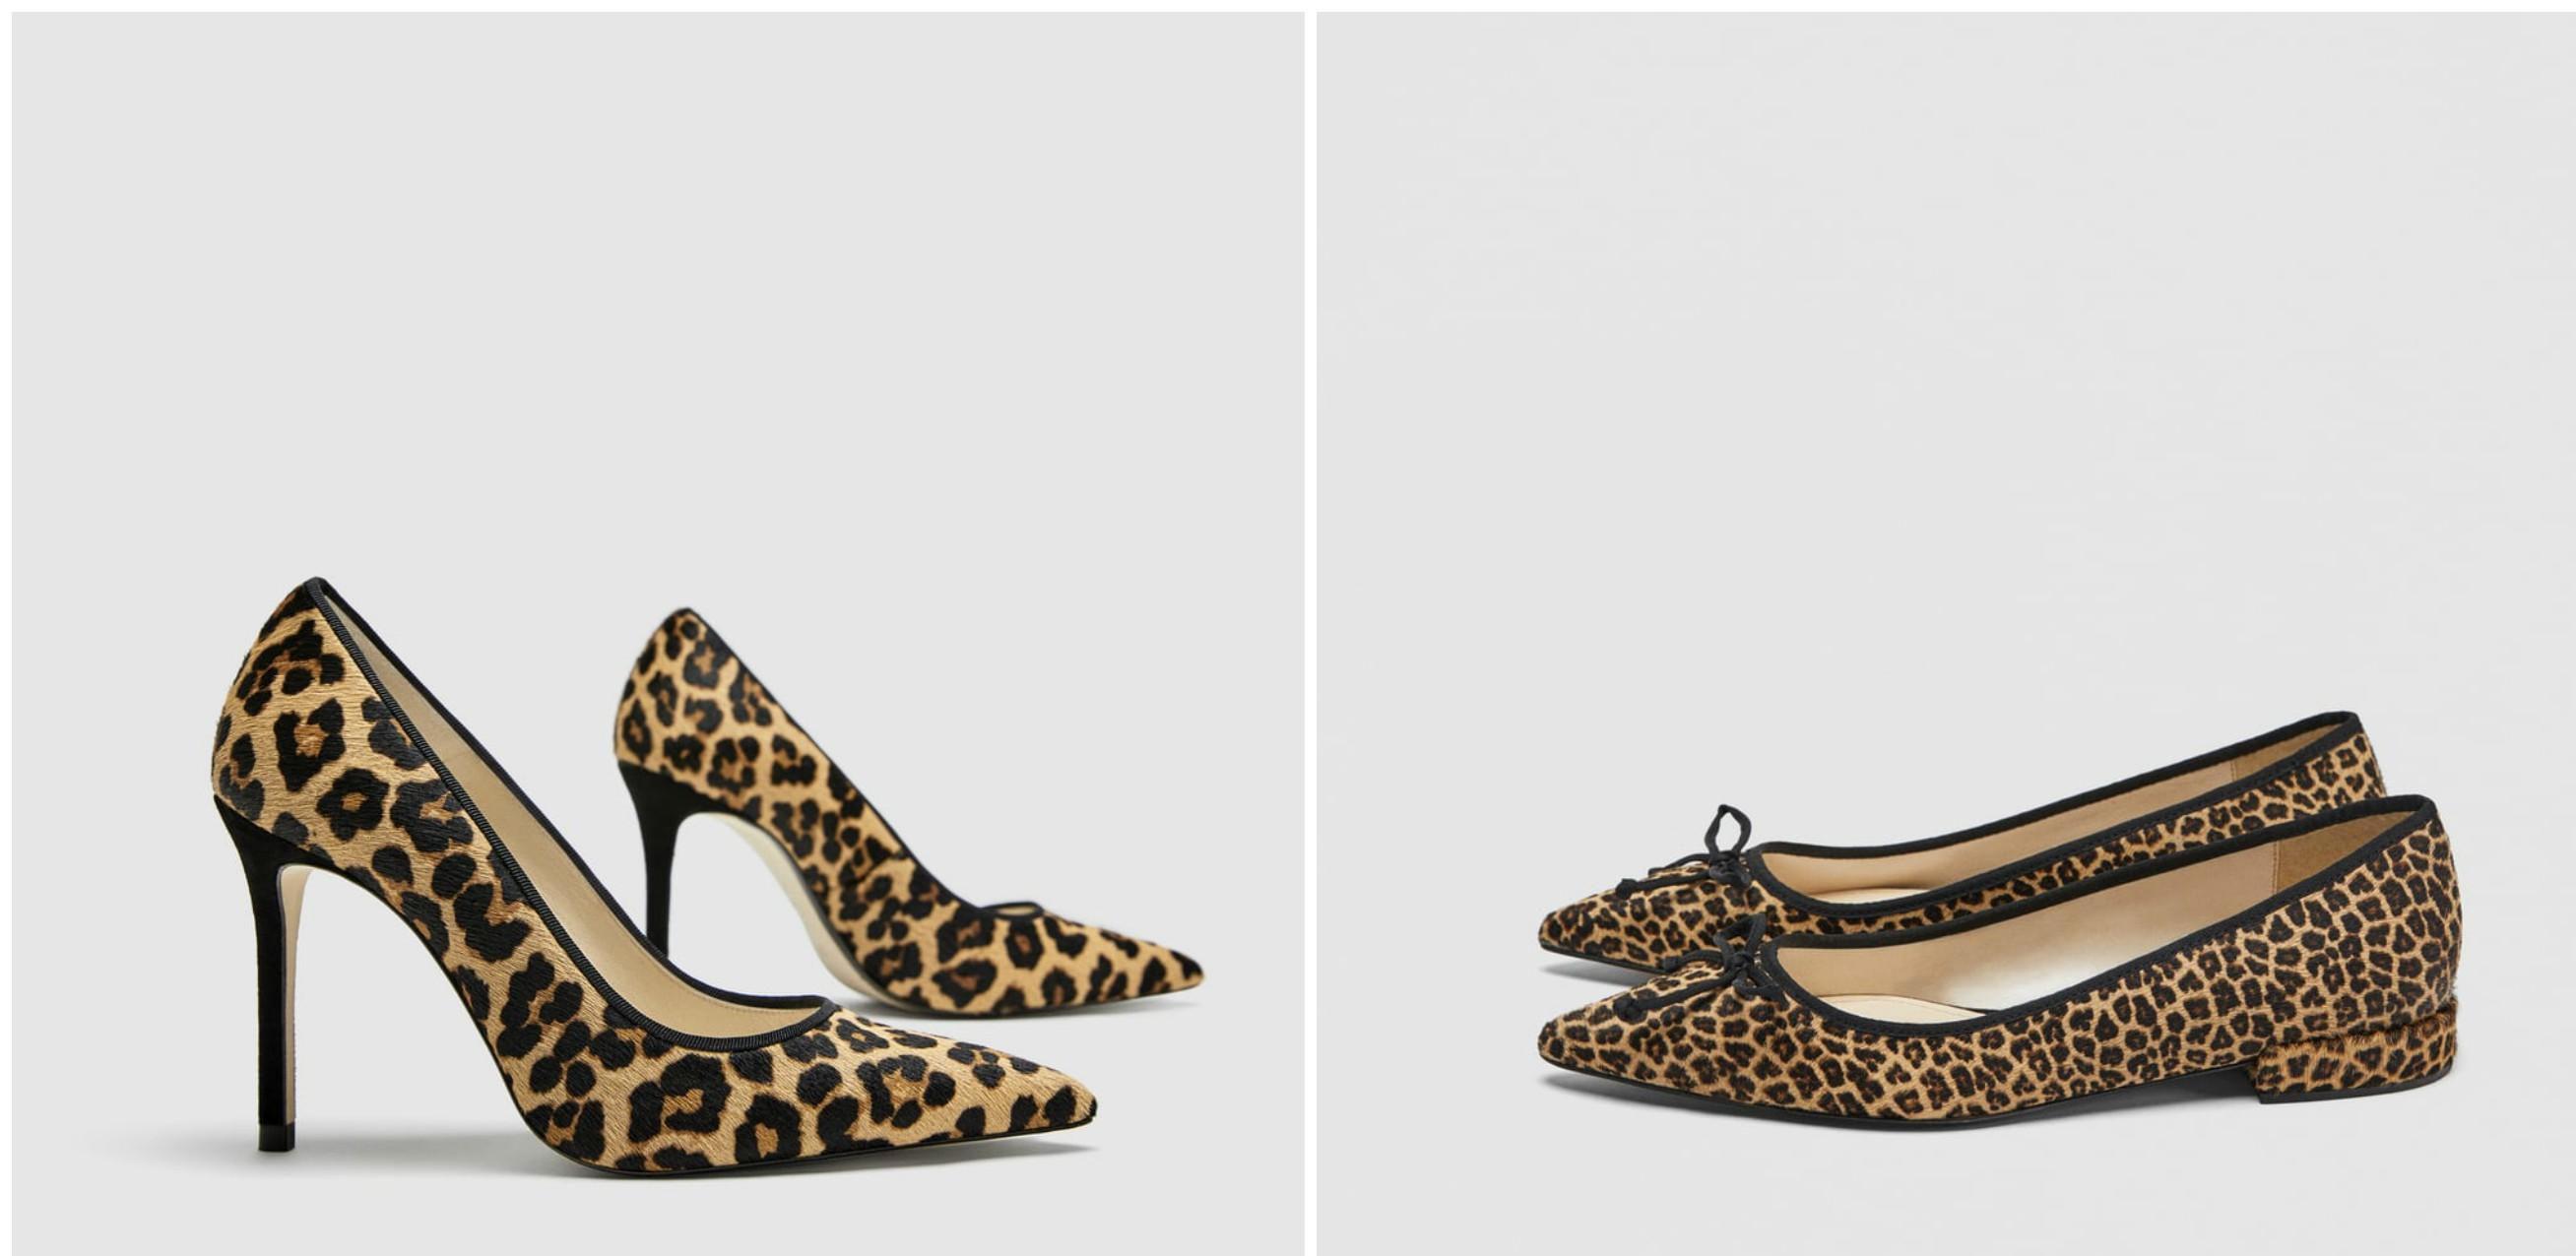 Cipele životinjskog uzorka apsolutni su hit - izabrali smo najljepše iz Zarine ponude